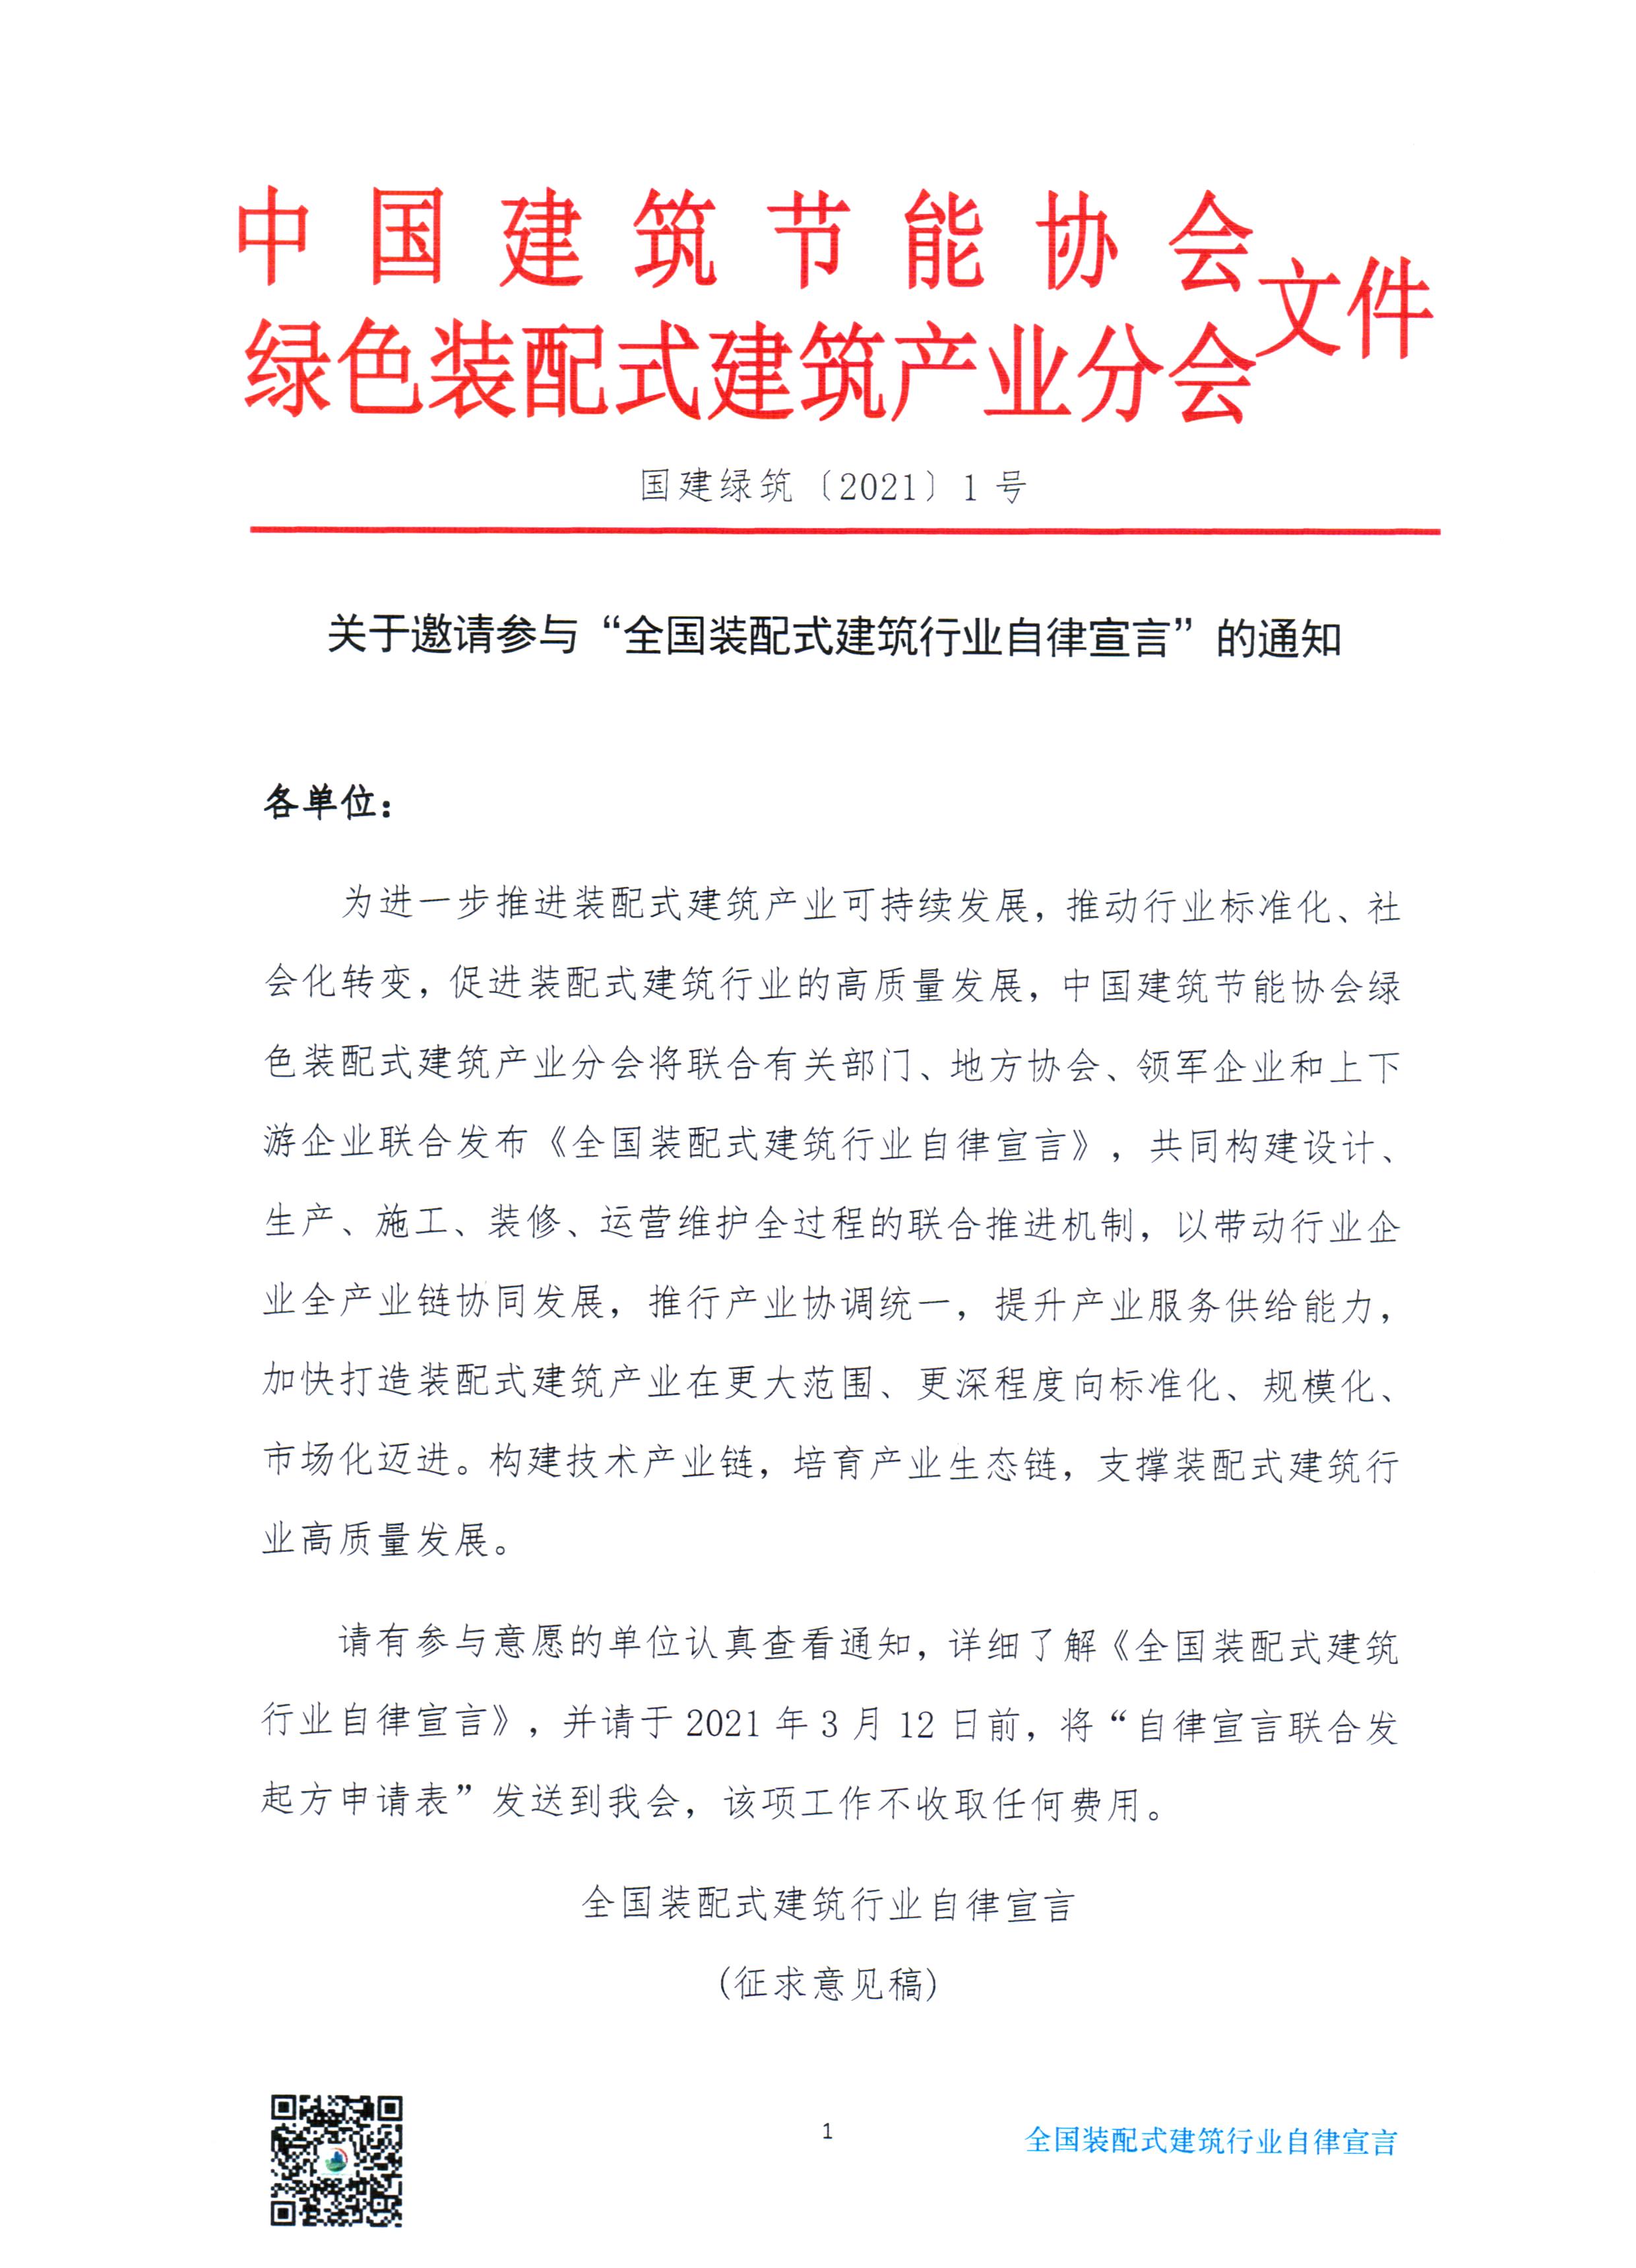 """关于邀请参与""""全国装配式建筑行业自律宣言""""的通知1.jpg"""